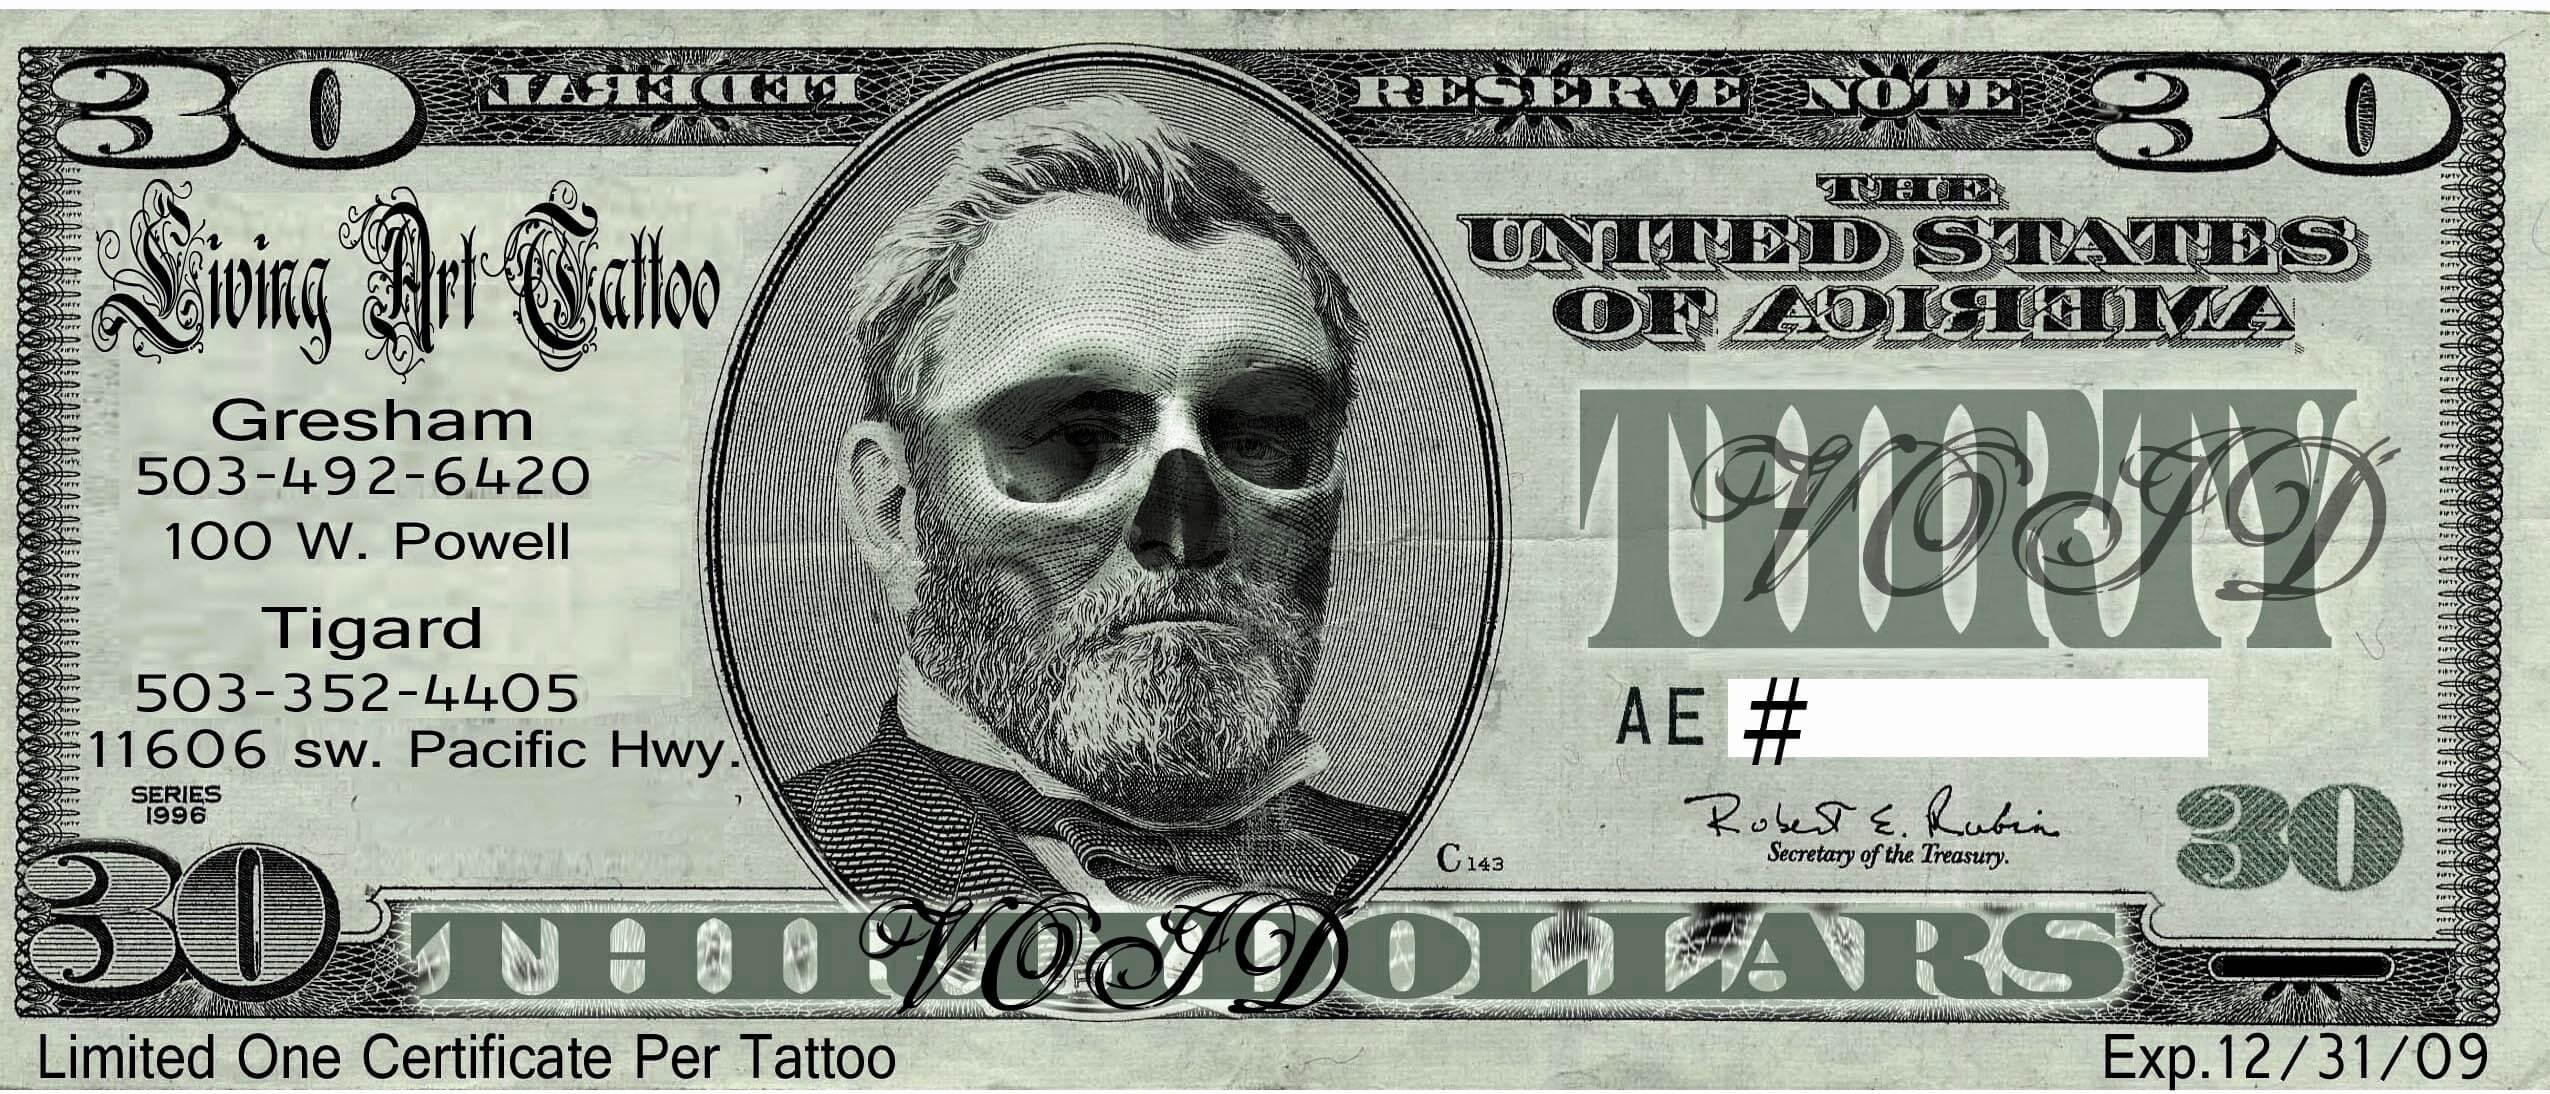 Tattoo Gift Voucher Template Free Dealssite Co Certificate In Tattoo Gift Certificate Template